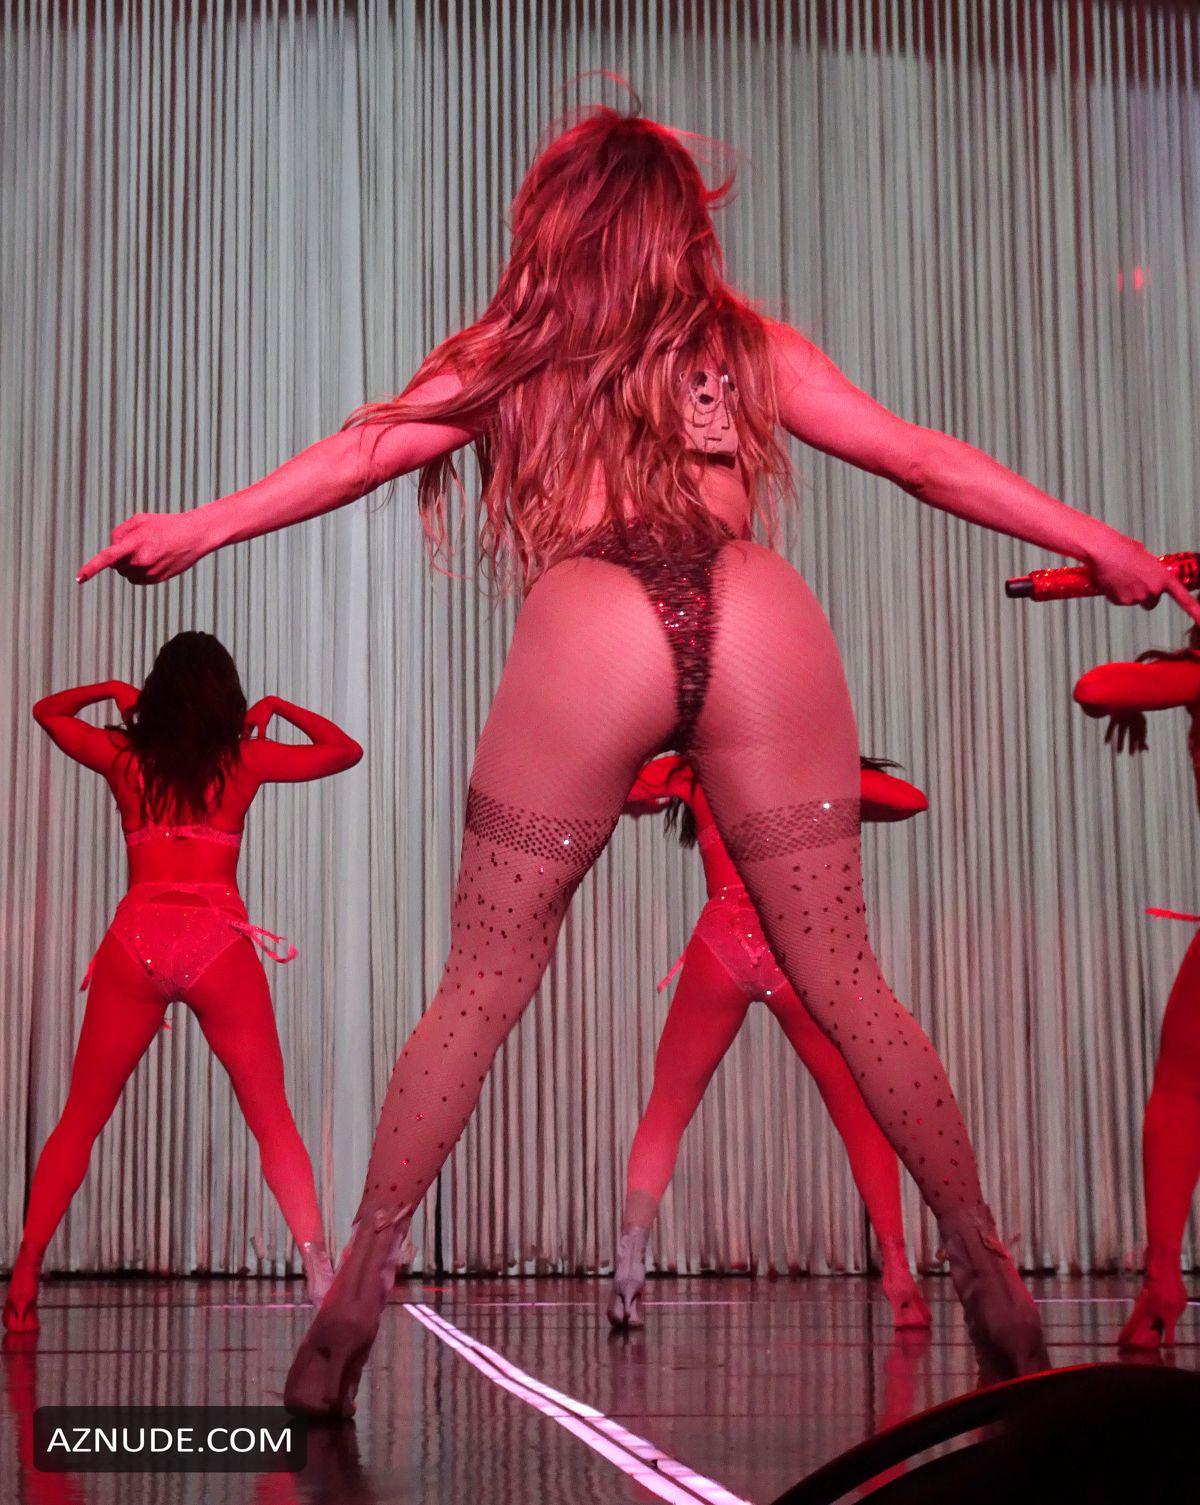 Jennifer Lopez Sexy Butt In 2017 Las Vegas Show - Aznude-2796